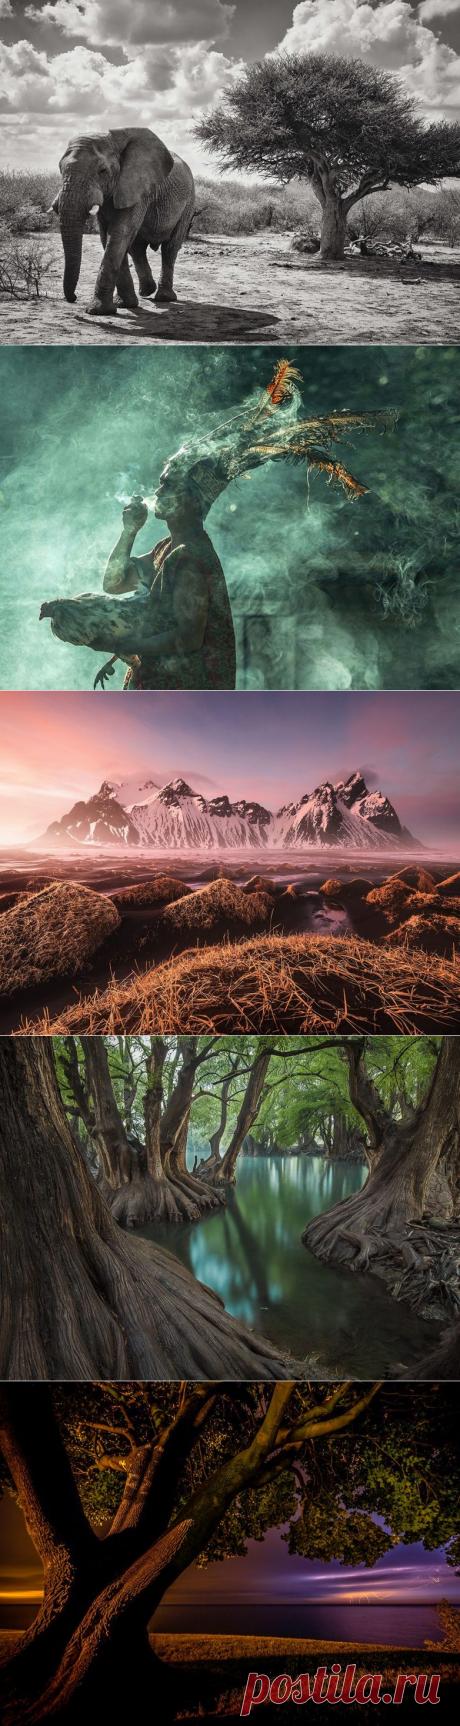 Лучшие фотографии National Geographic в августе / Туристический спутник